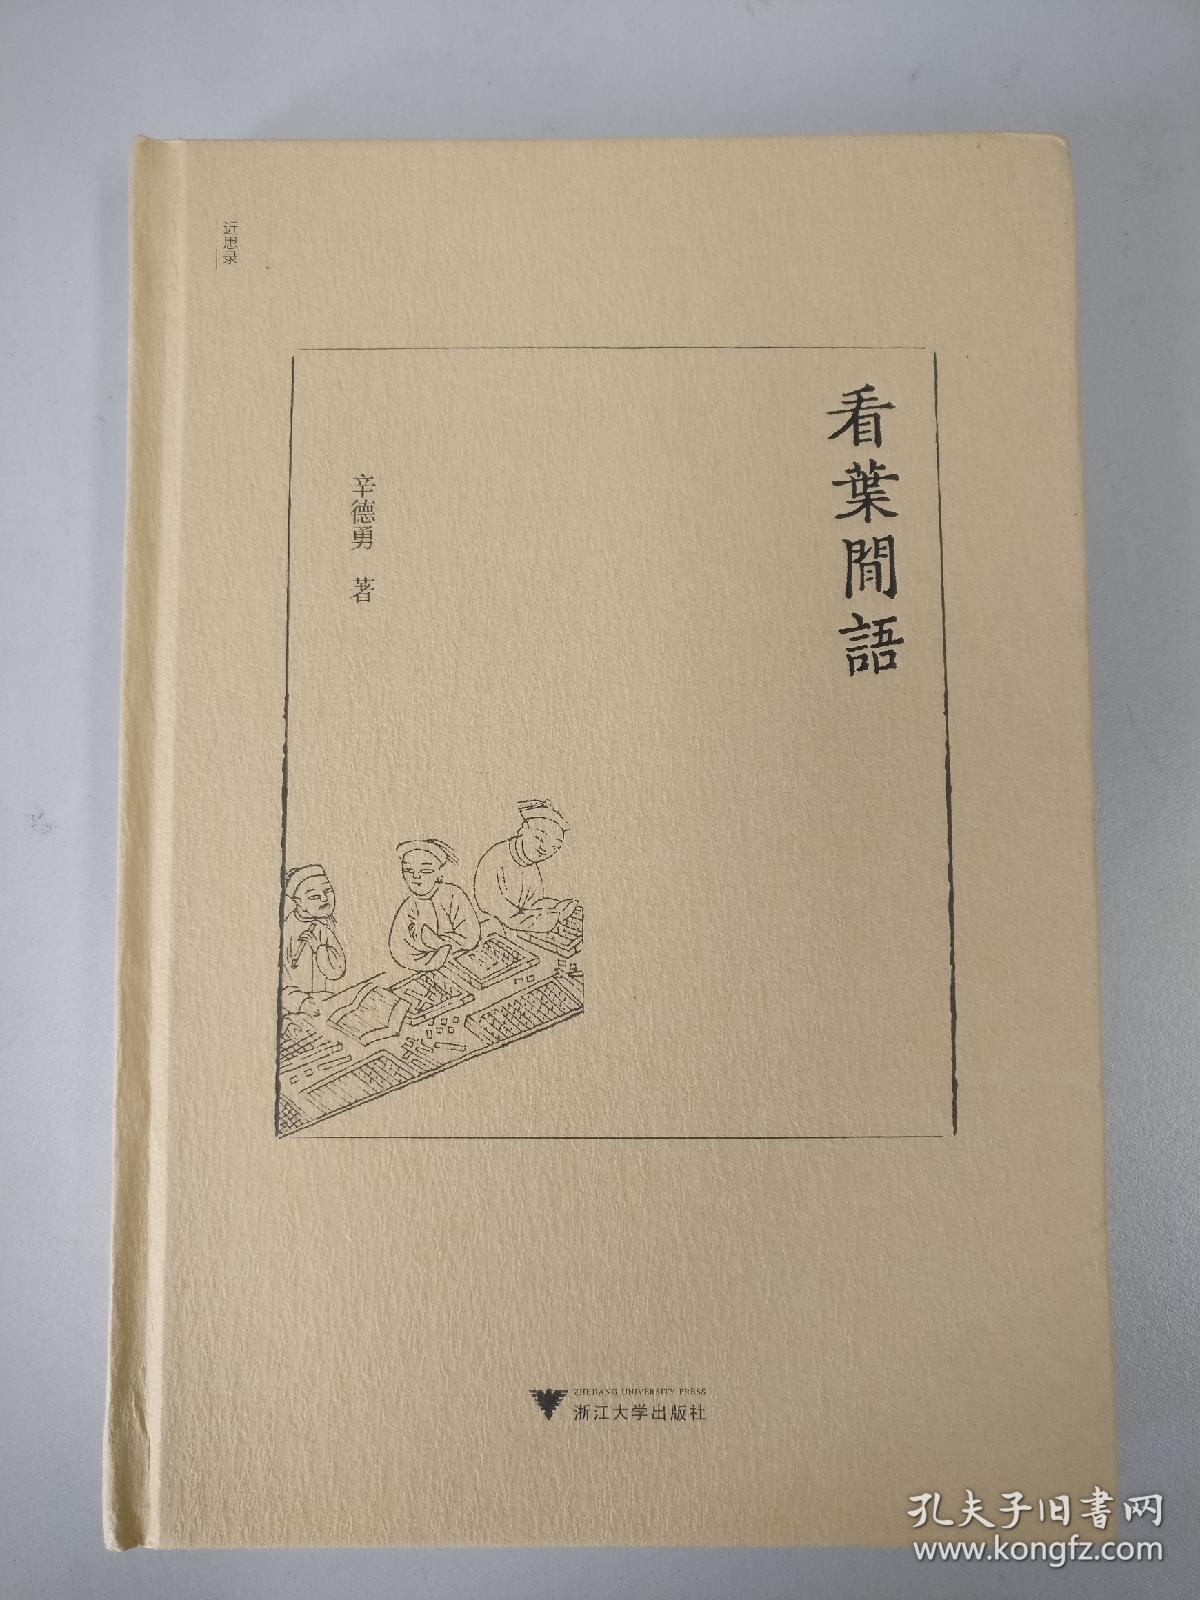 未签名版  看叶闲语  毛边本  极其珍贵!